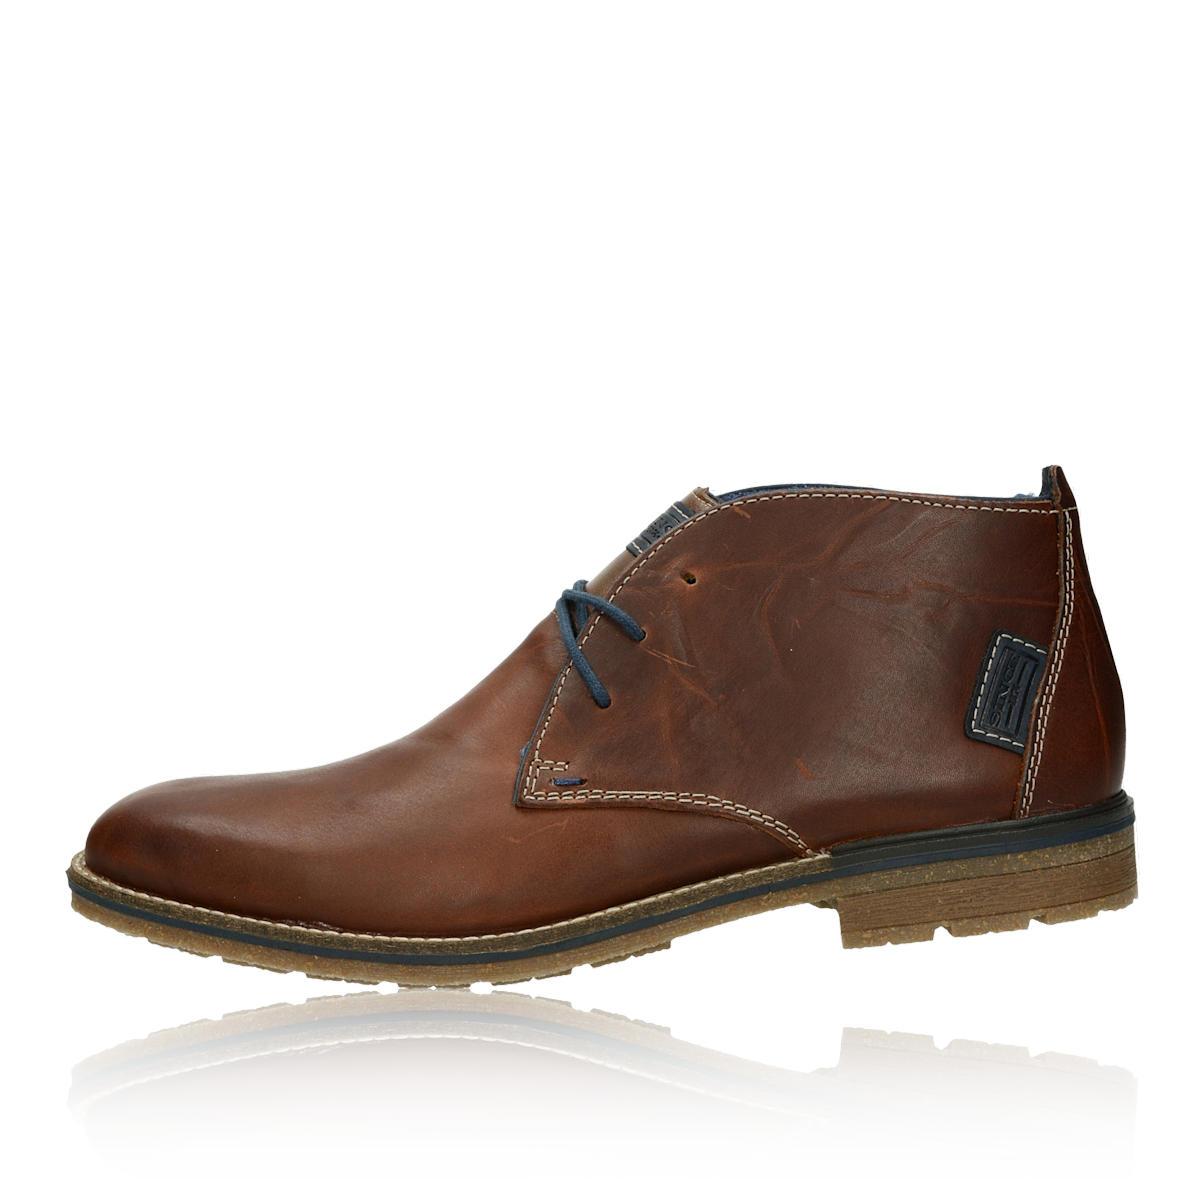 f748867284 Rieker pánska kožená členková obuv - hnedá ...